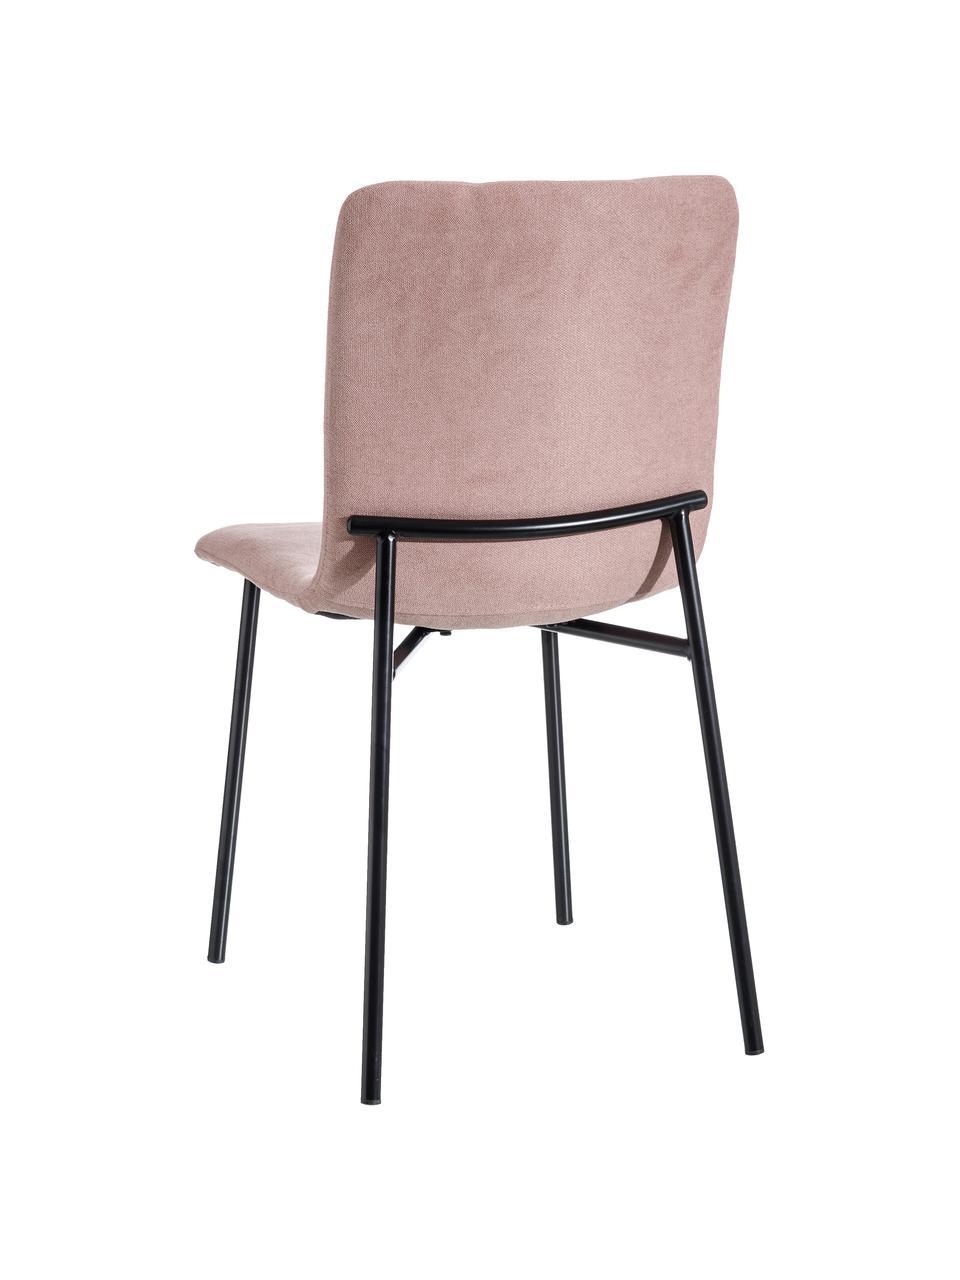 Krzesło tapicerowane Sofia, Tapicerka: 100% poliester, Nogi: metal, Blady różowy, czarny, S 55 x G 45 cm